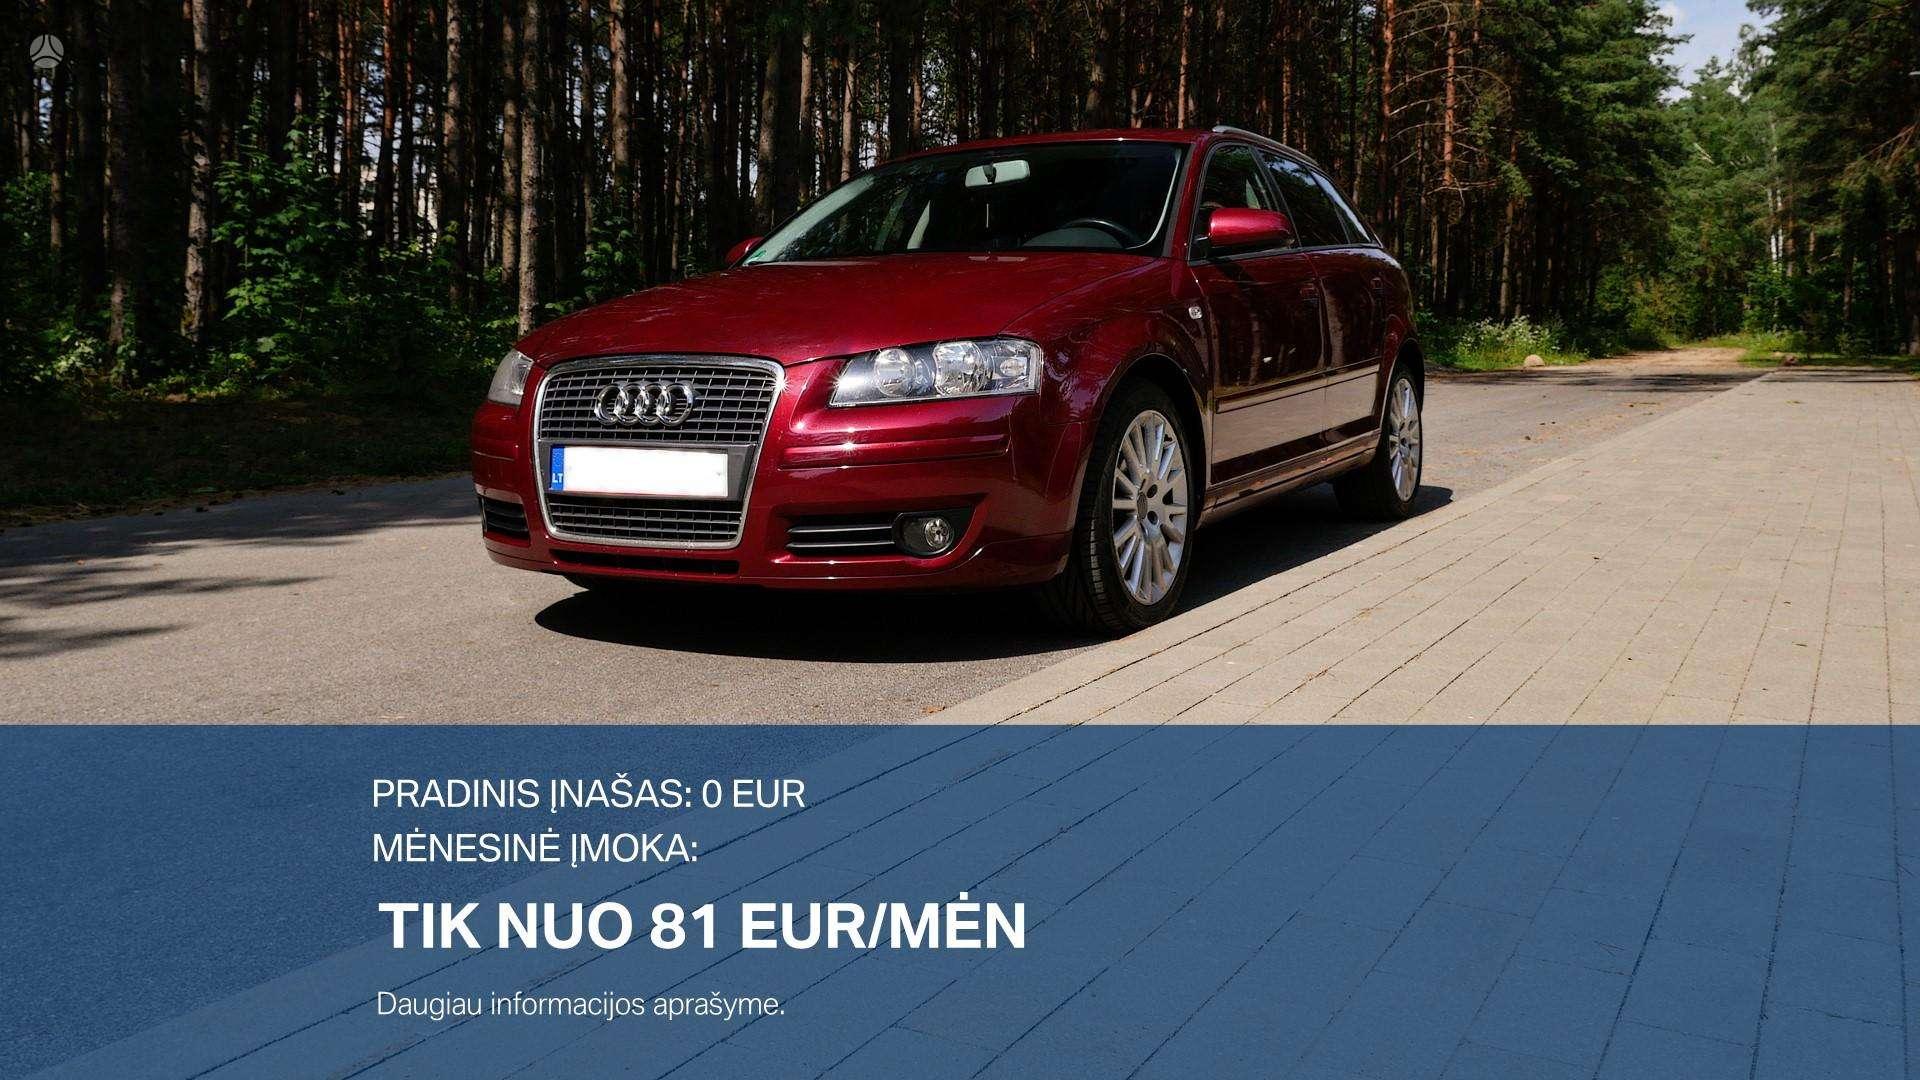 Audi A3 išsimokėtinai nuo 81Eur/Mėn su 3 mėnesių garantija